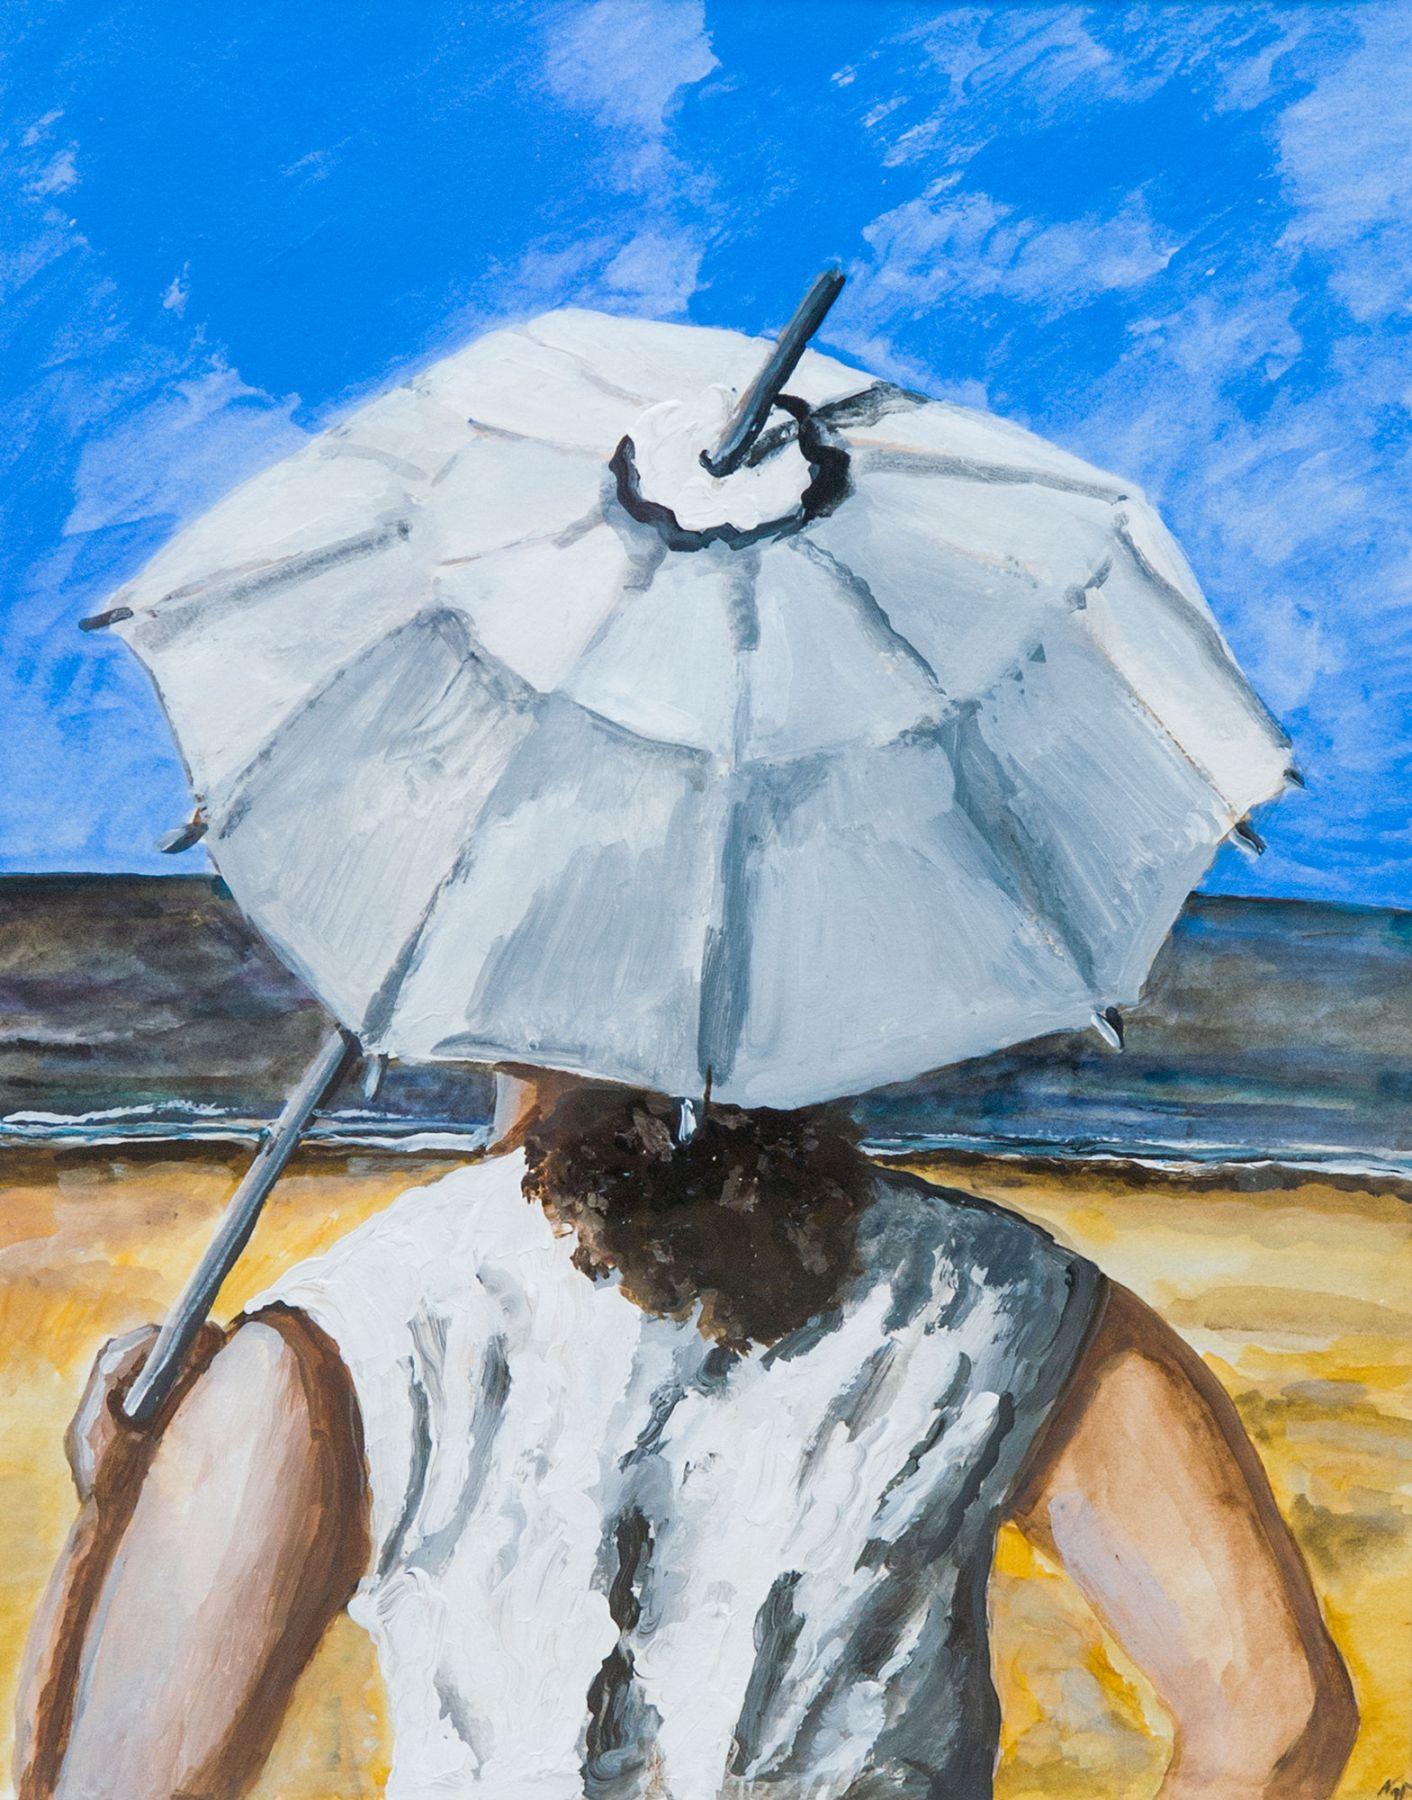 Under umbrella.